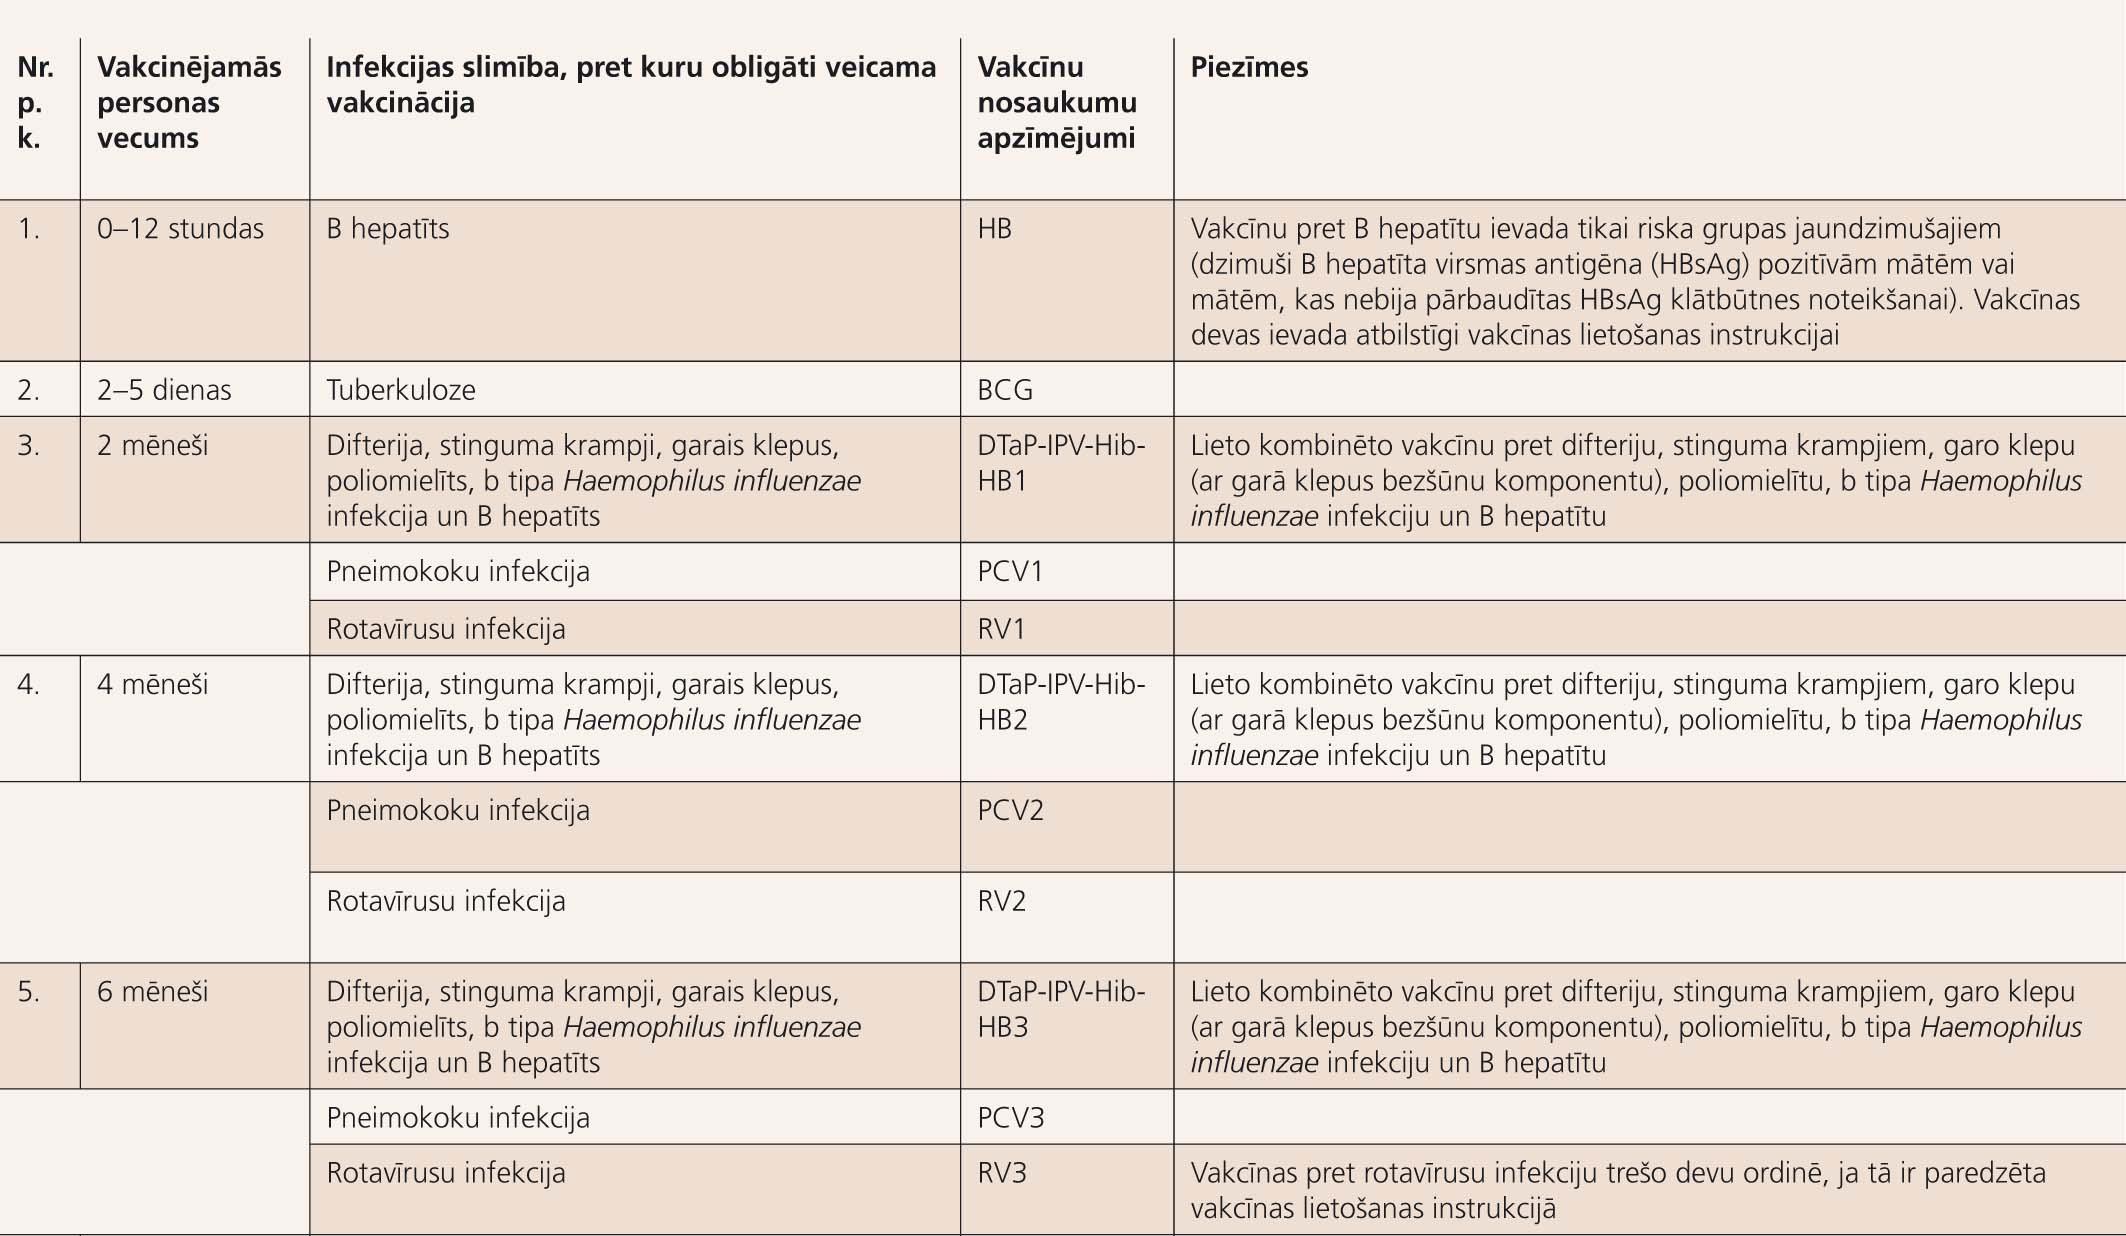 """Vakcinācijas kalendārs (spēkā ar 2010. gada 1. janvāri) (LR MK 2009. gada 26. maija noteikumi Nr. 487 """"Vakcinācijas noteikumi"""")"""